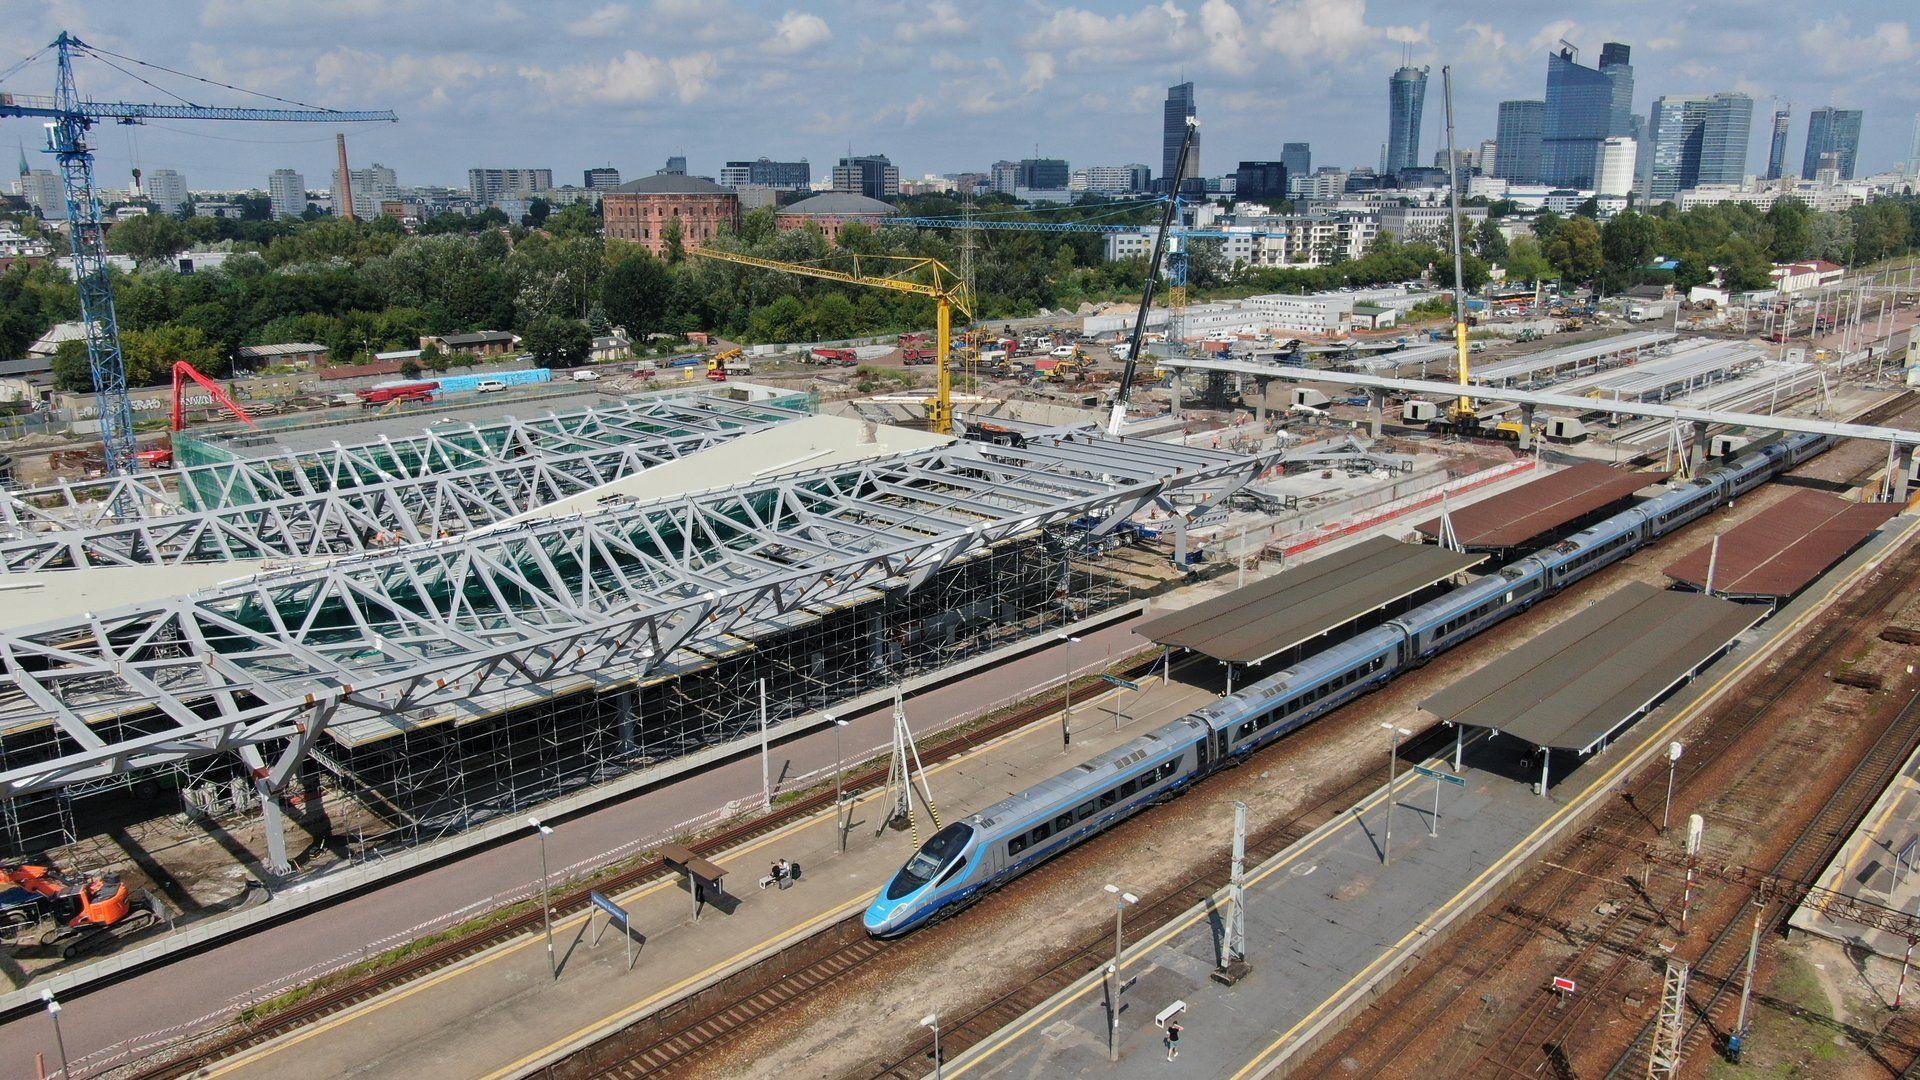 Nowy dworzec Warszawa Zachodnia zwiększy rolę kolei nie tylko w stolicy [FILM + ZDJĘCIA]